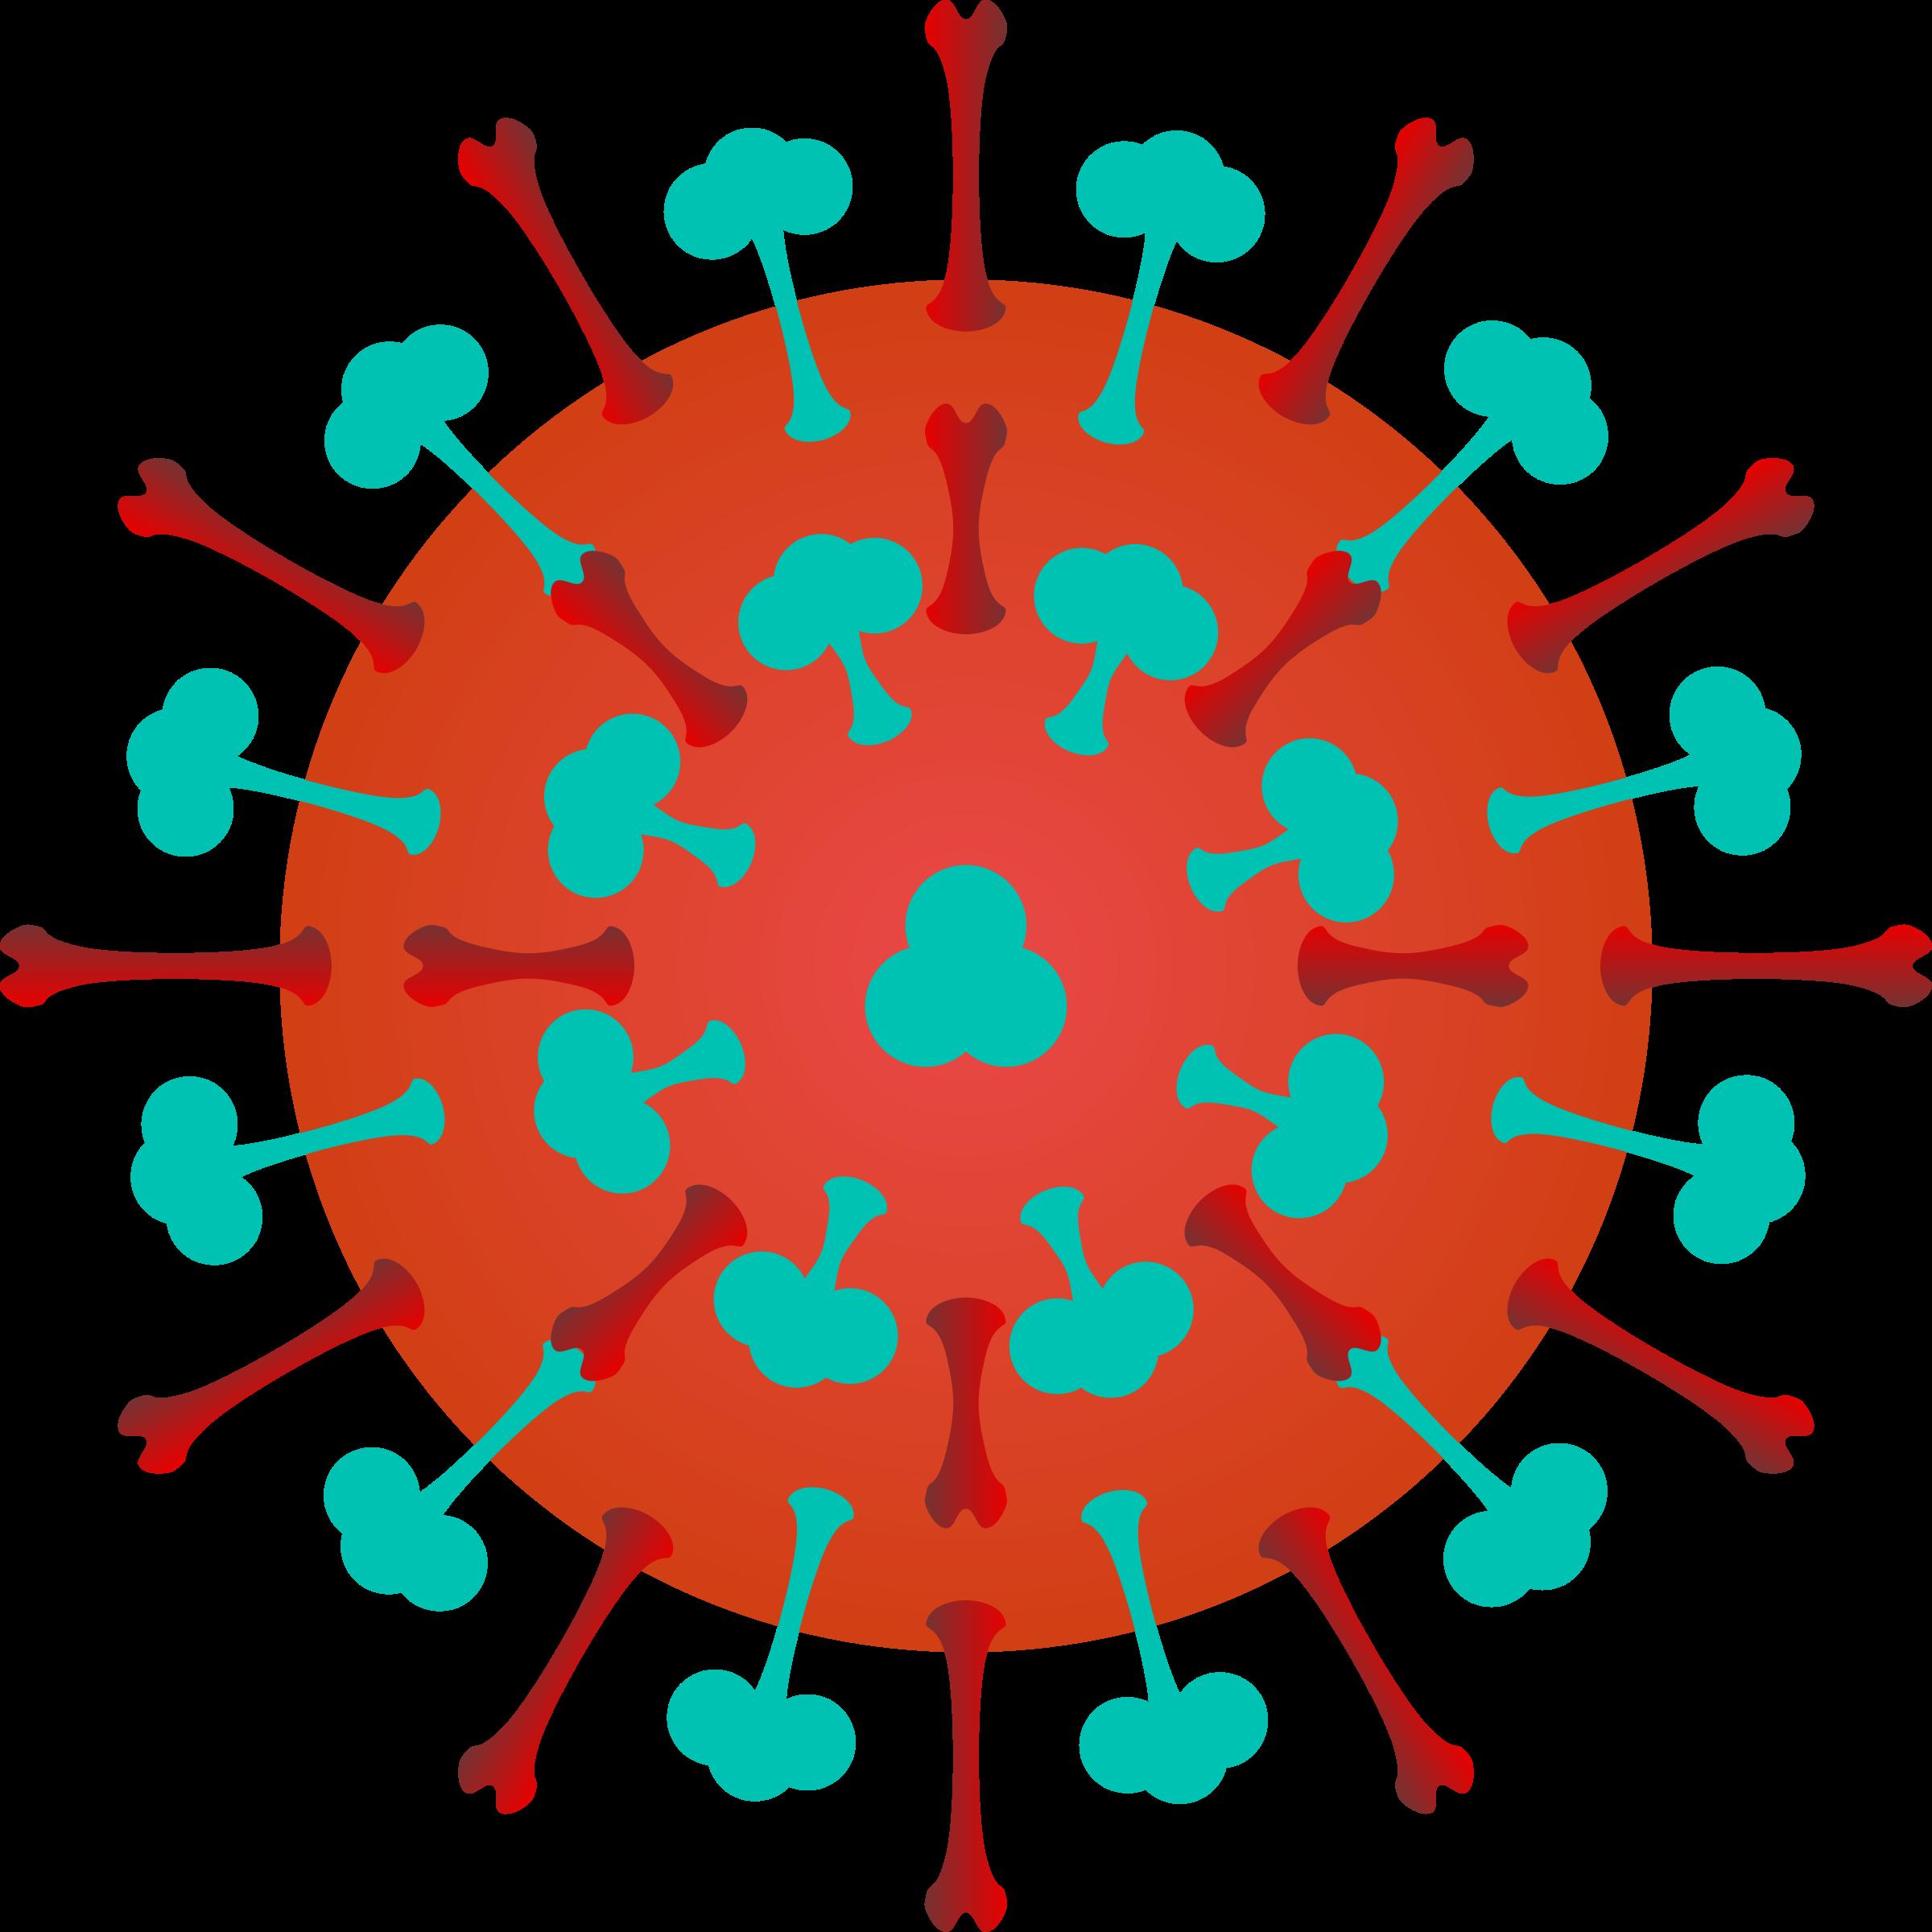 Flu clipart pathogen. Neglected diseases blog